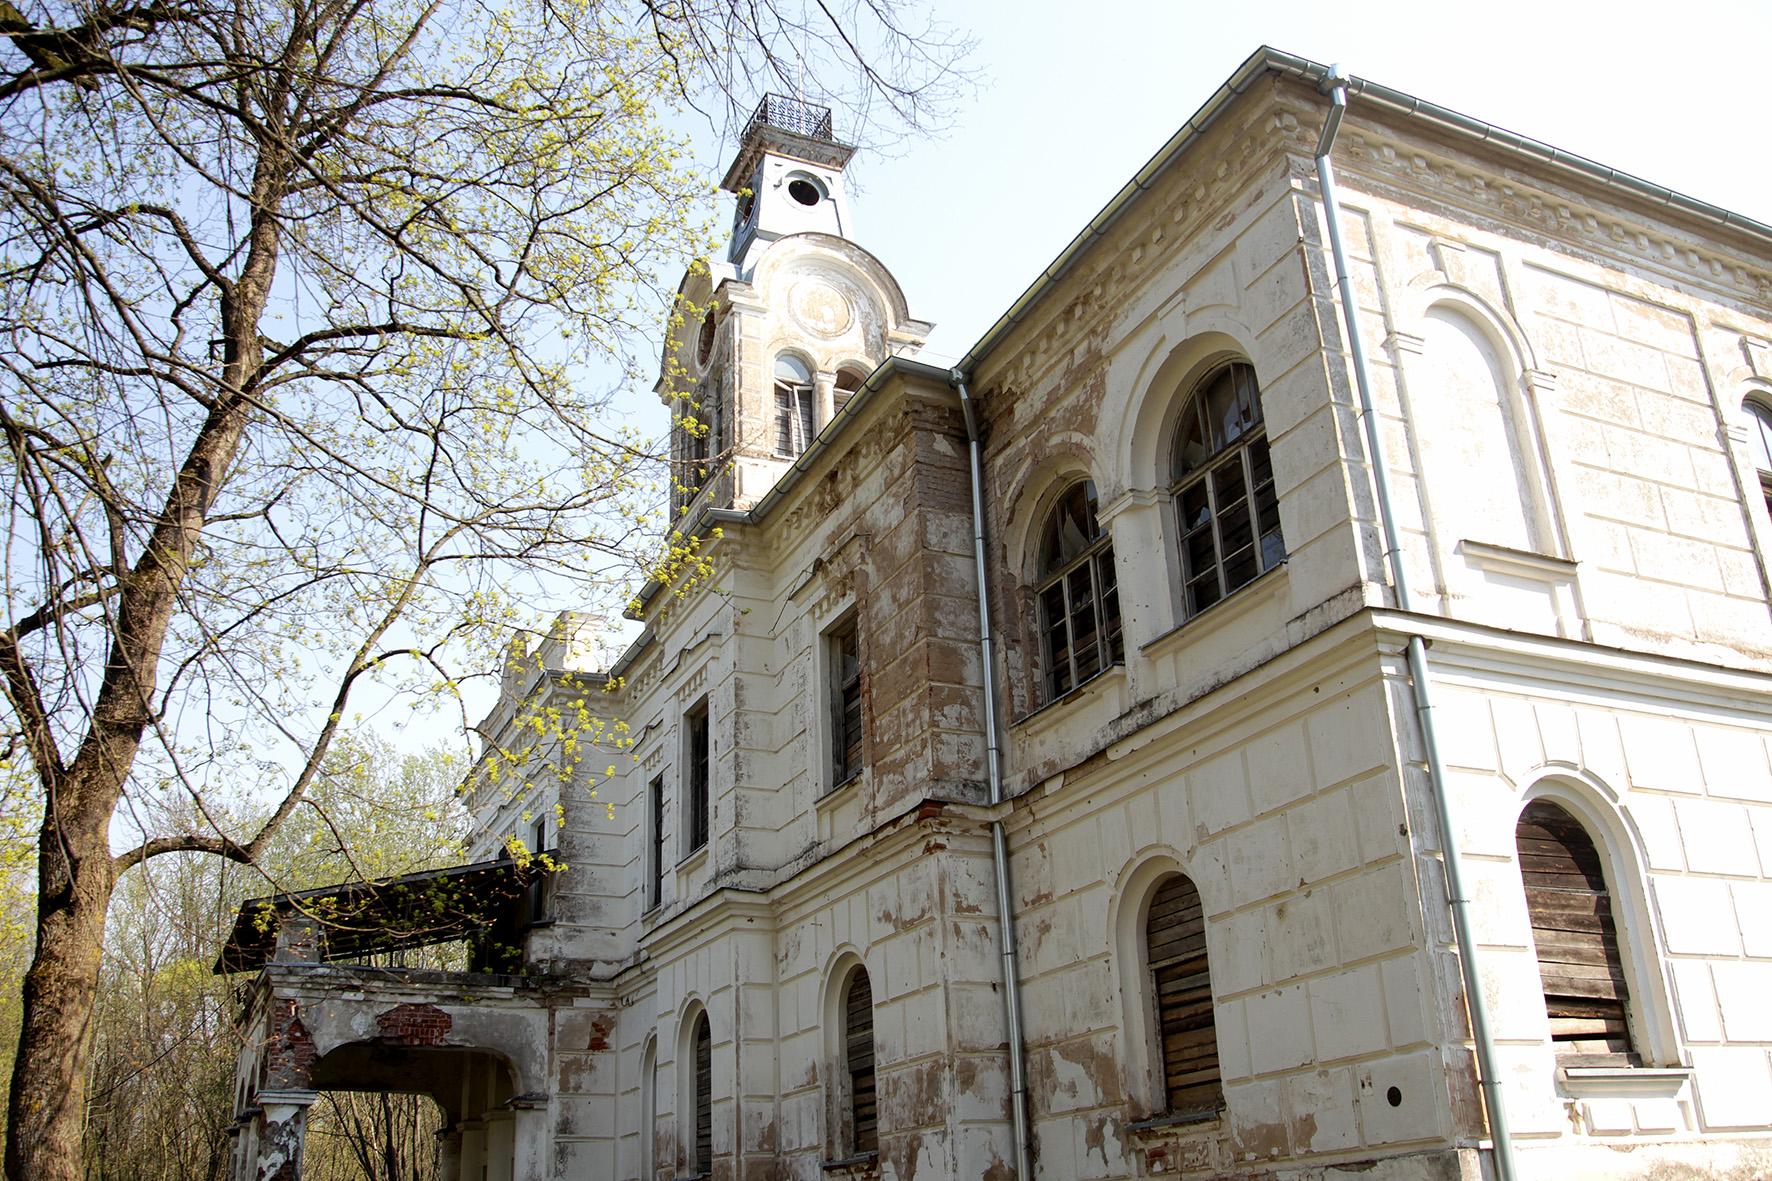 Sirutiškis garsus savo istoriniu dvaru. Jį XVIII amžiuje įkūrė bajorų giminės Siručiai. A. Barzdžiaus nuotr.